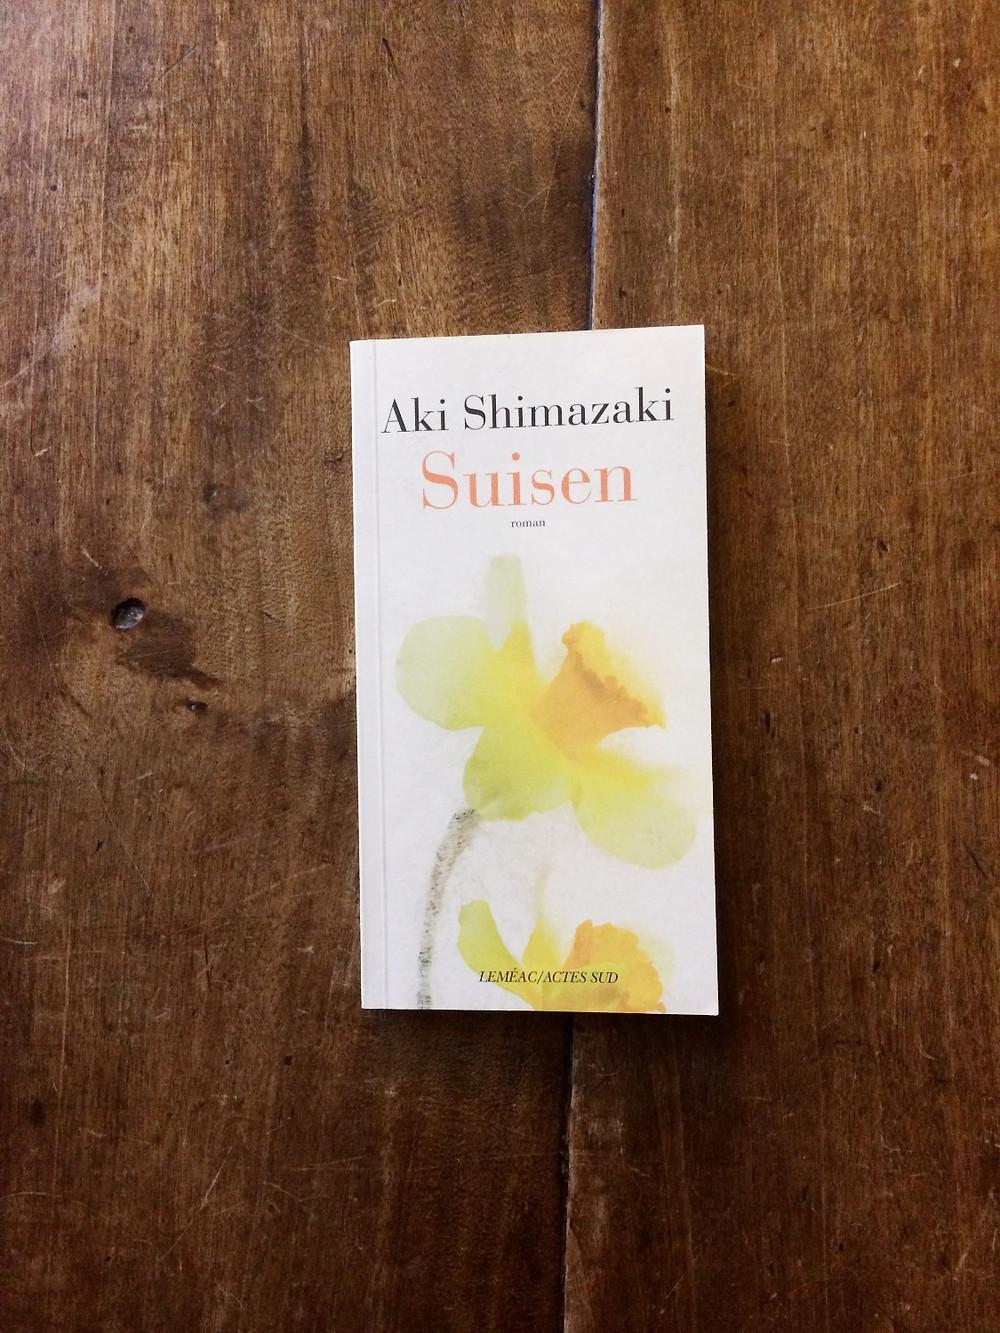 """Photo du livre """"Suisen"""" d'Aki Shimazaki (1)"""